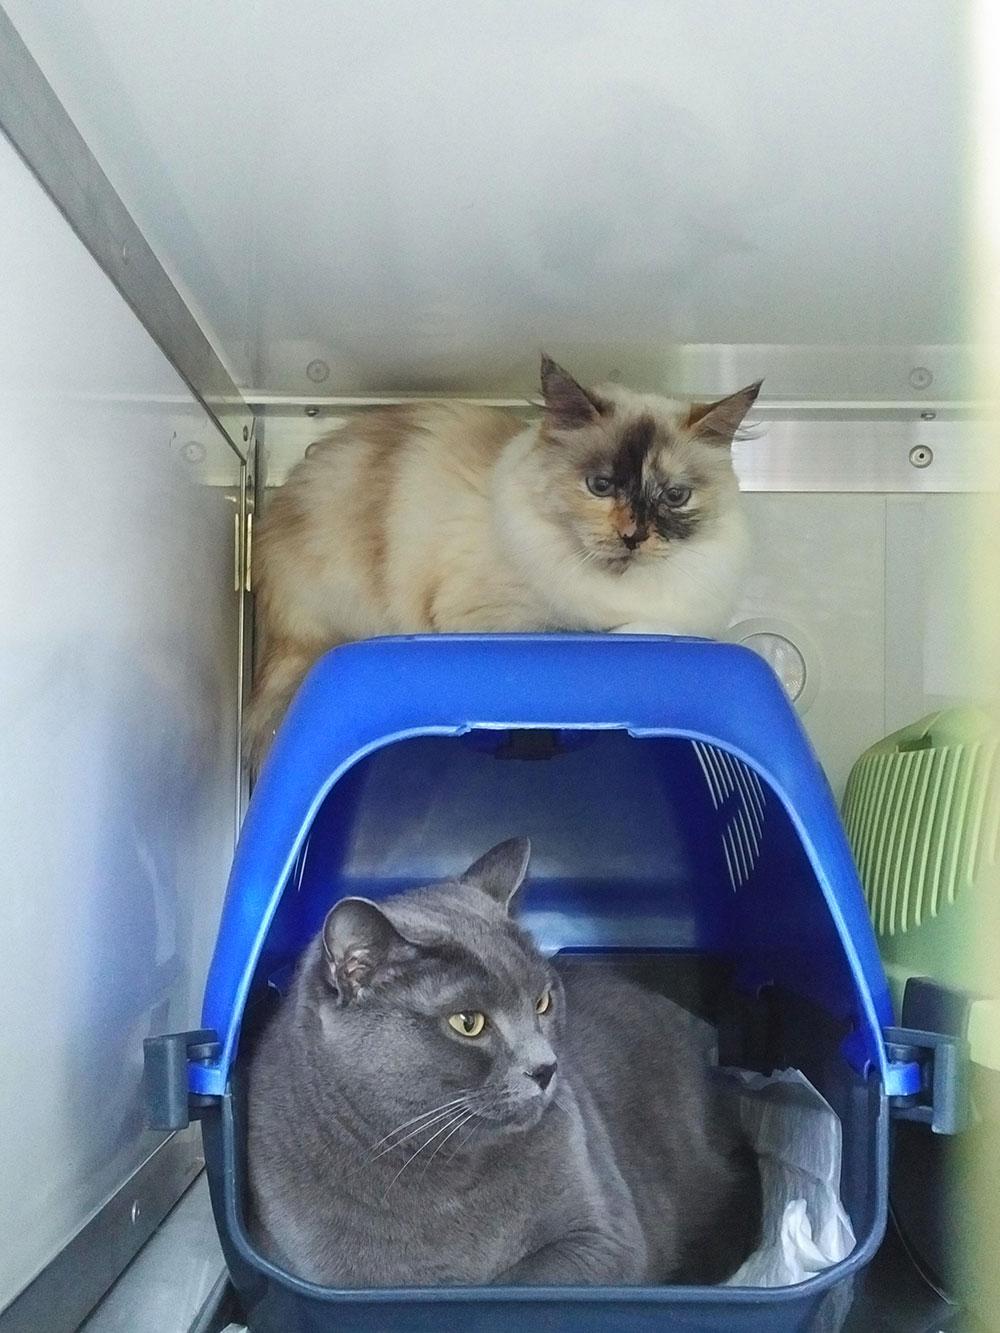 Double-decker kitties!